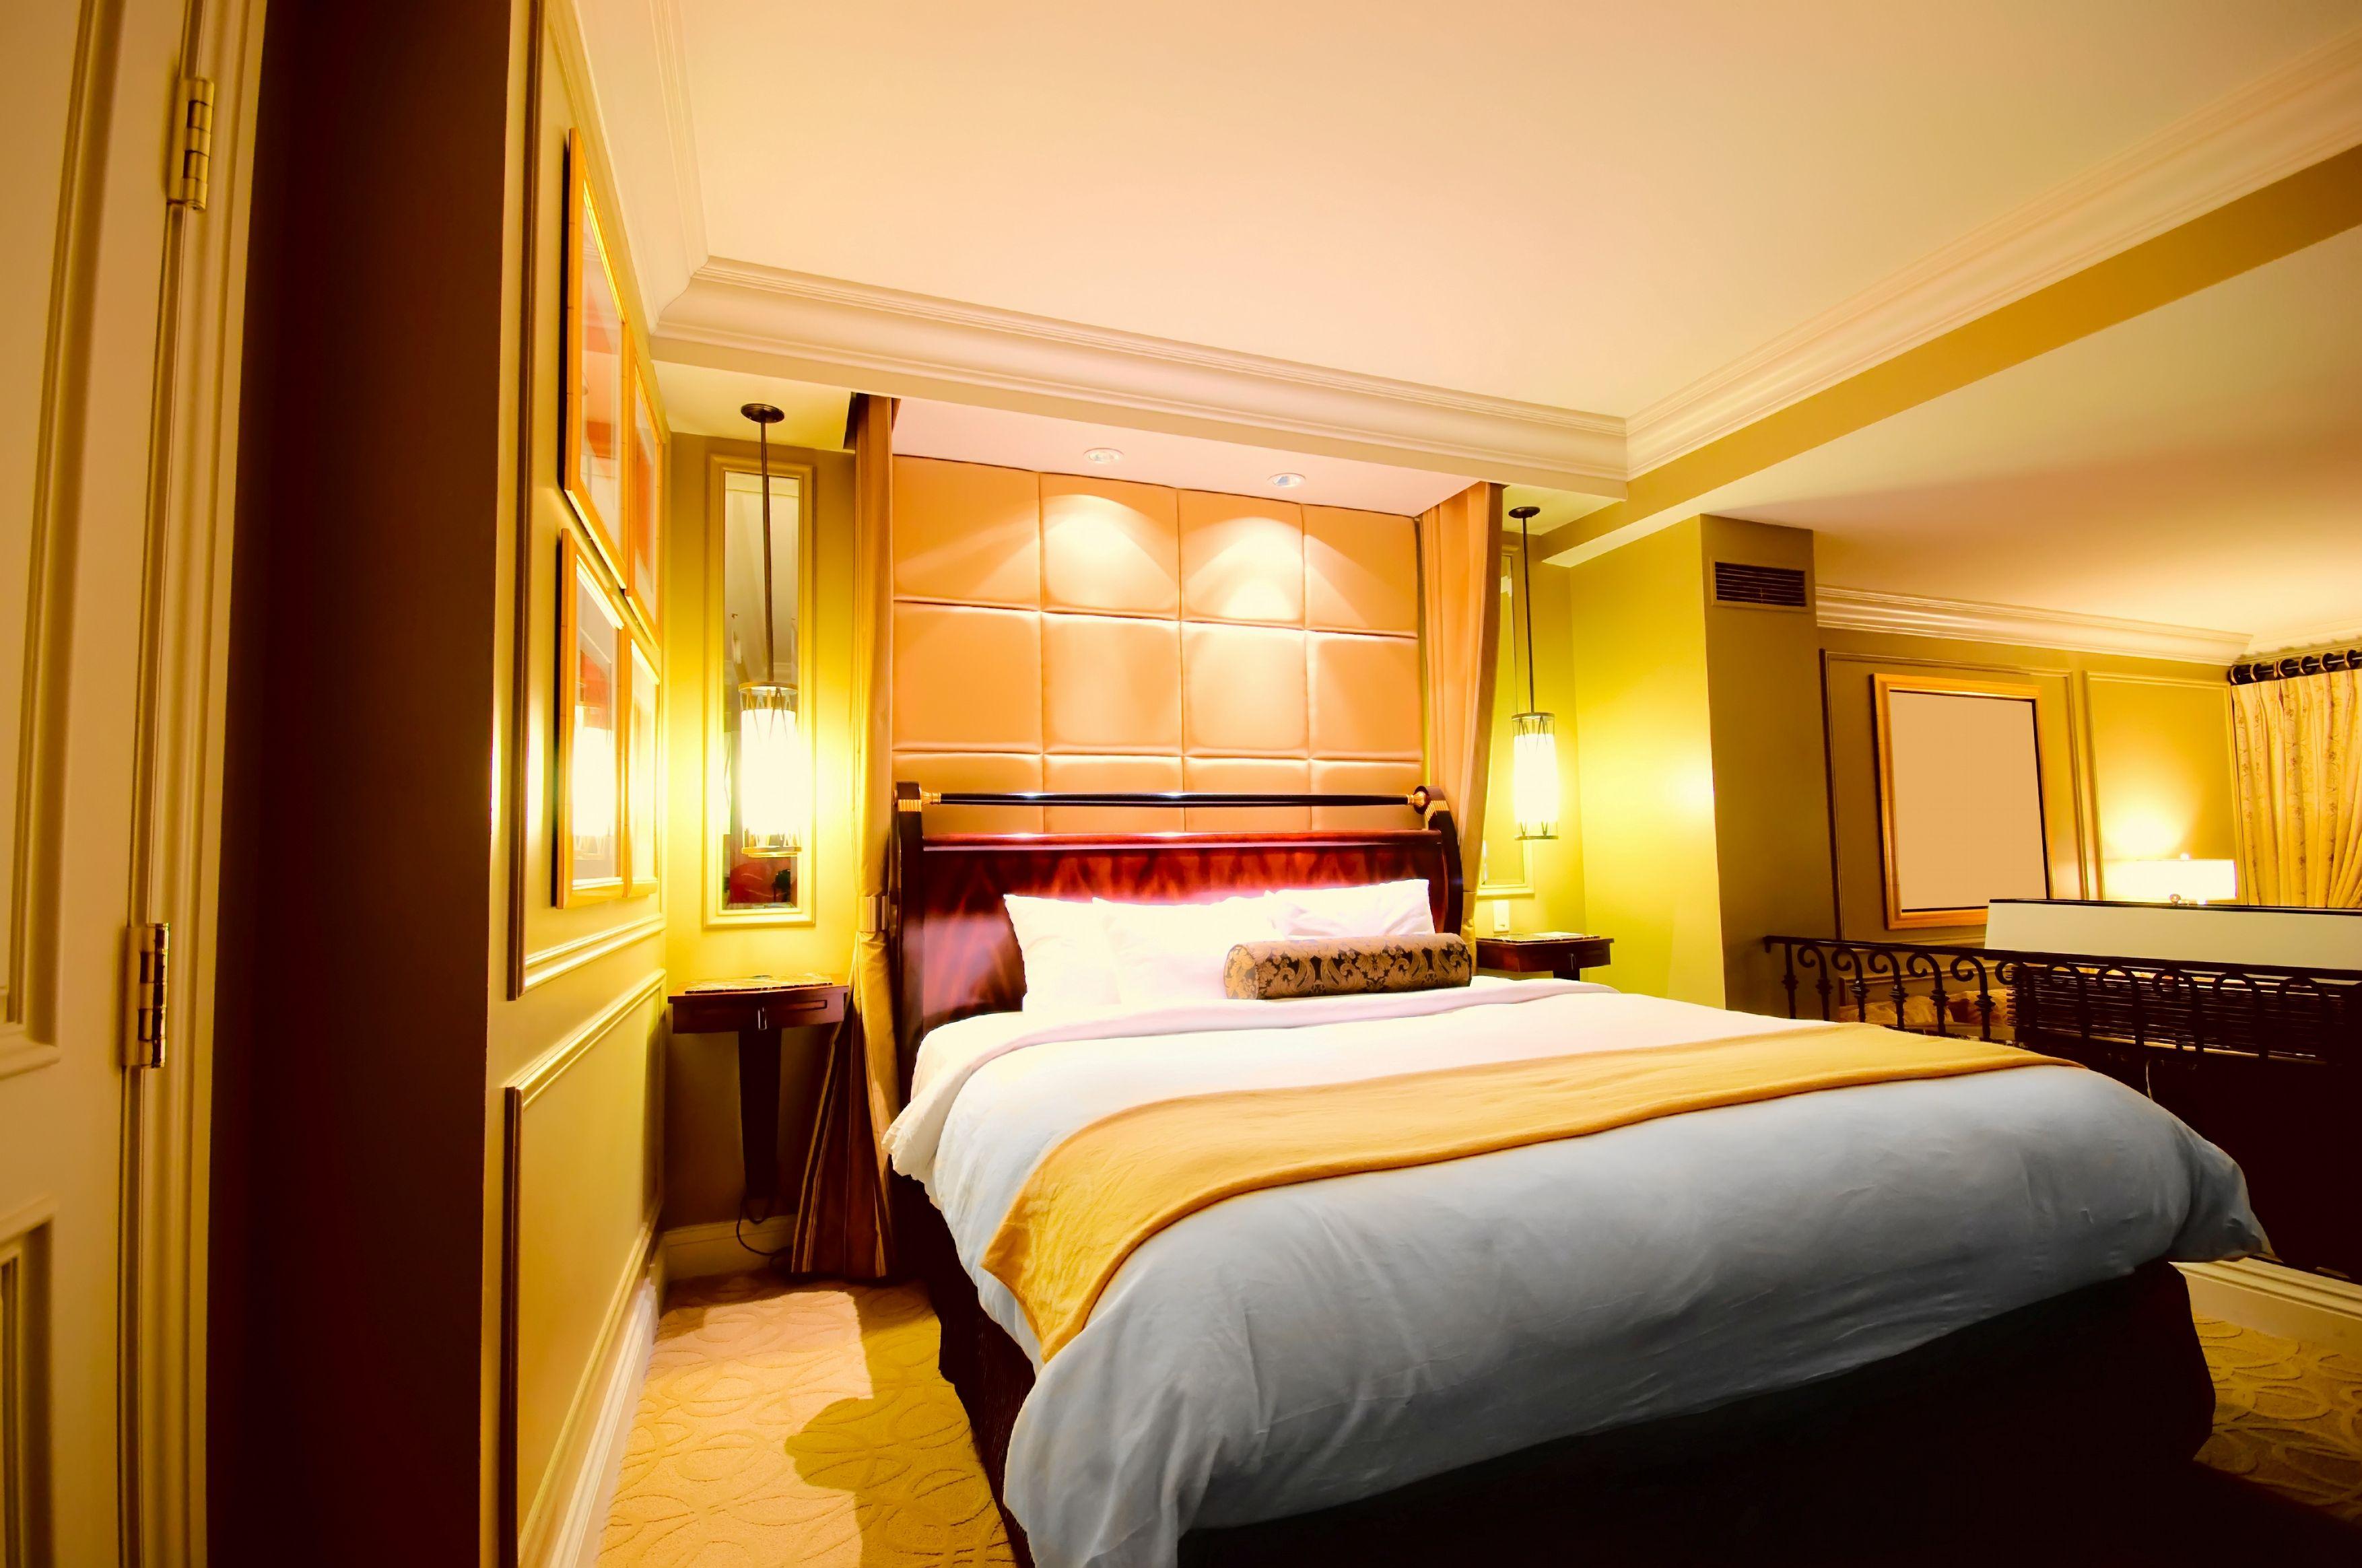 万豪拟三年内开设1700家酒店 回馈股东110亿美元